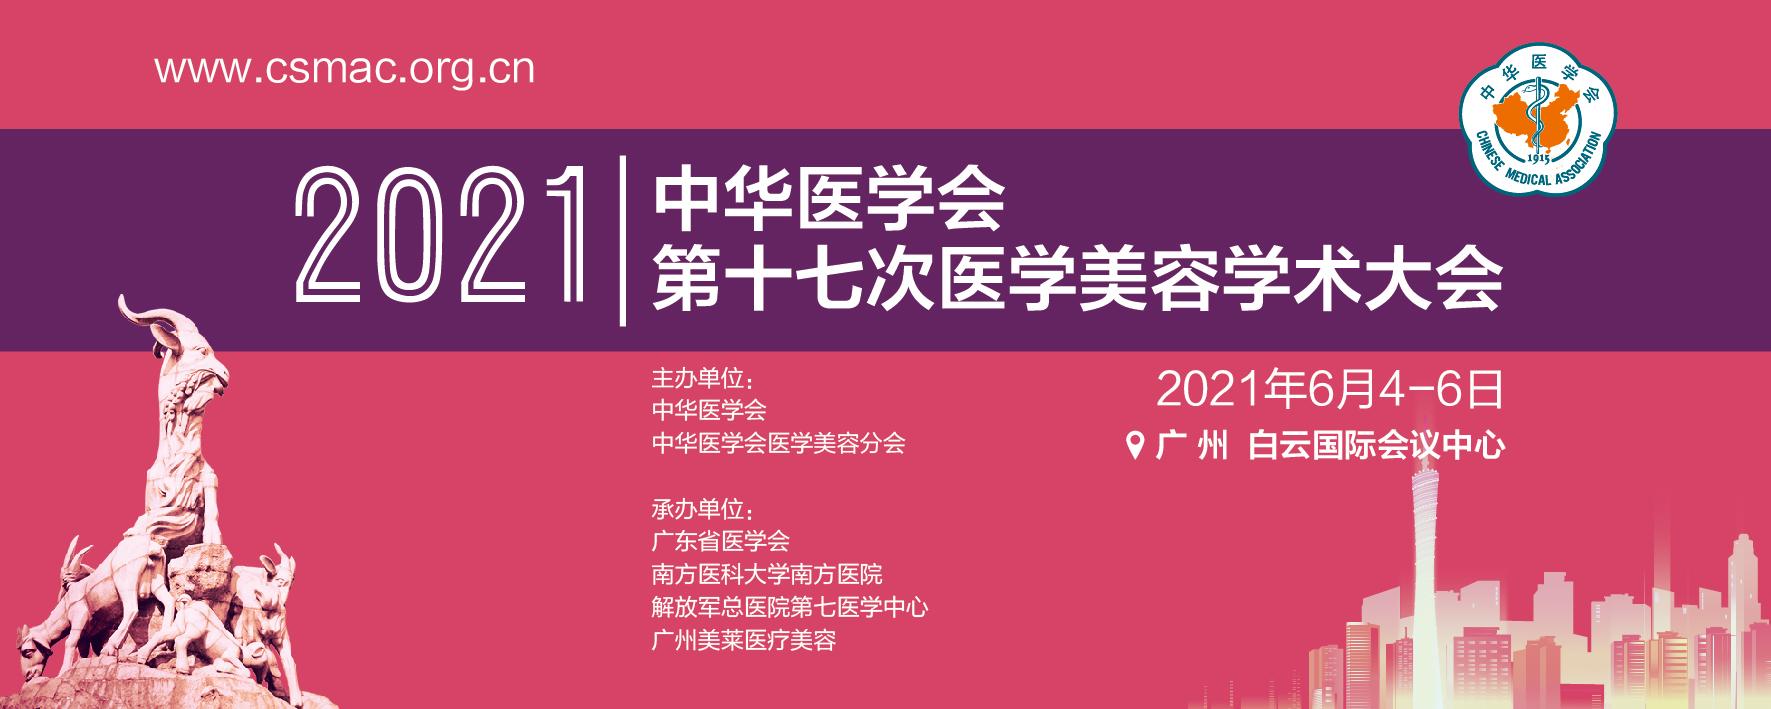 中华医学会第十七次医学美容学术大会